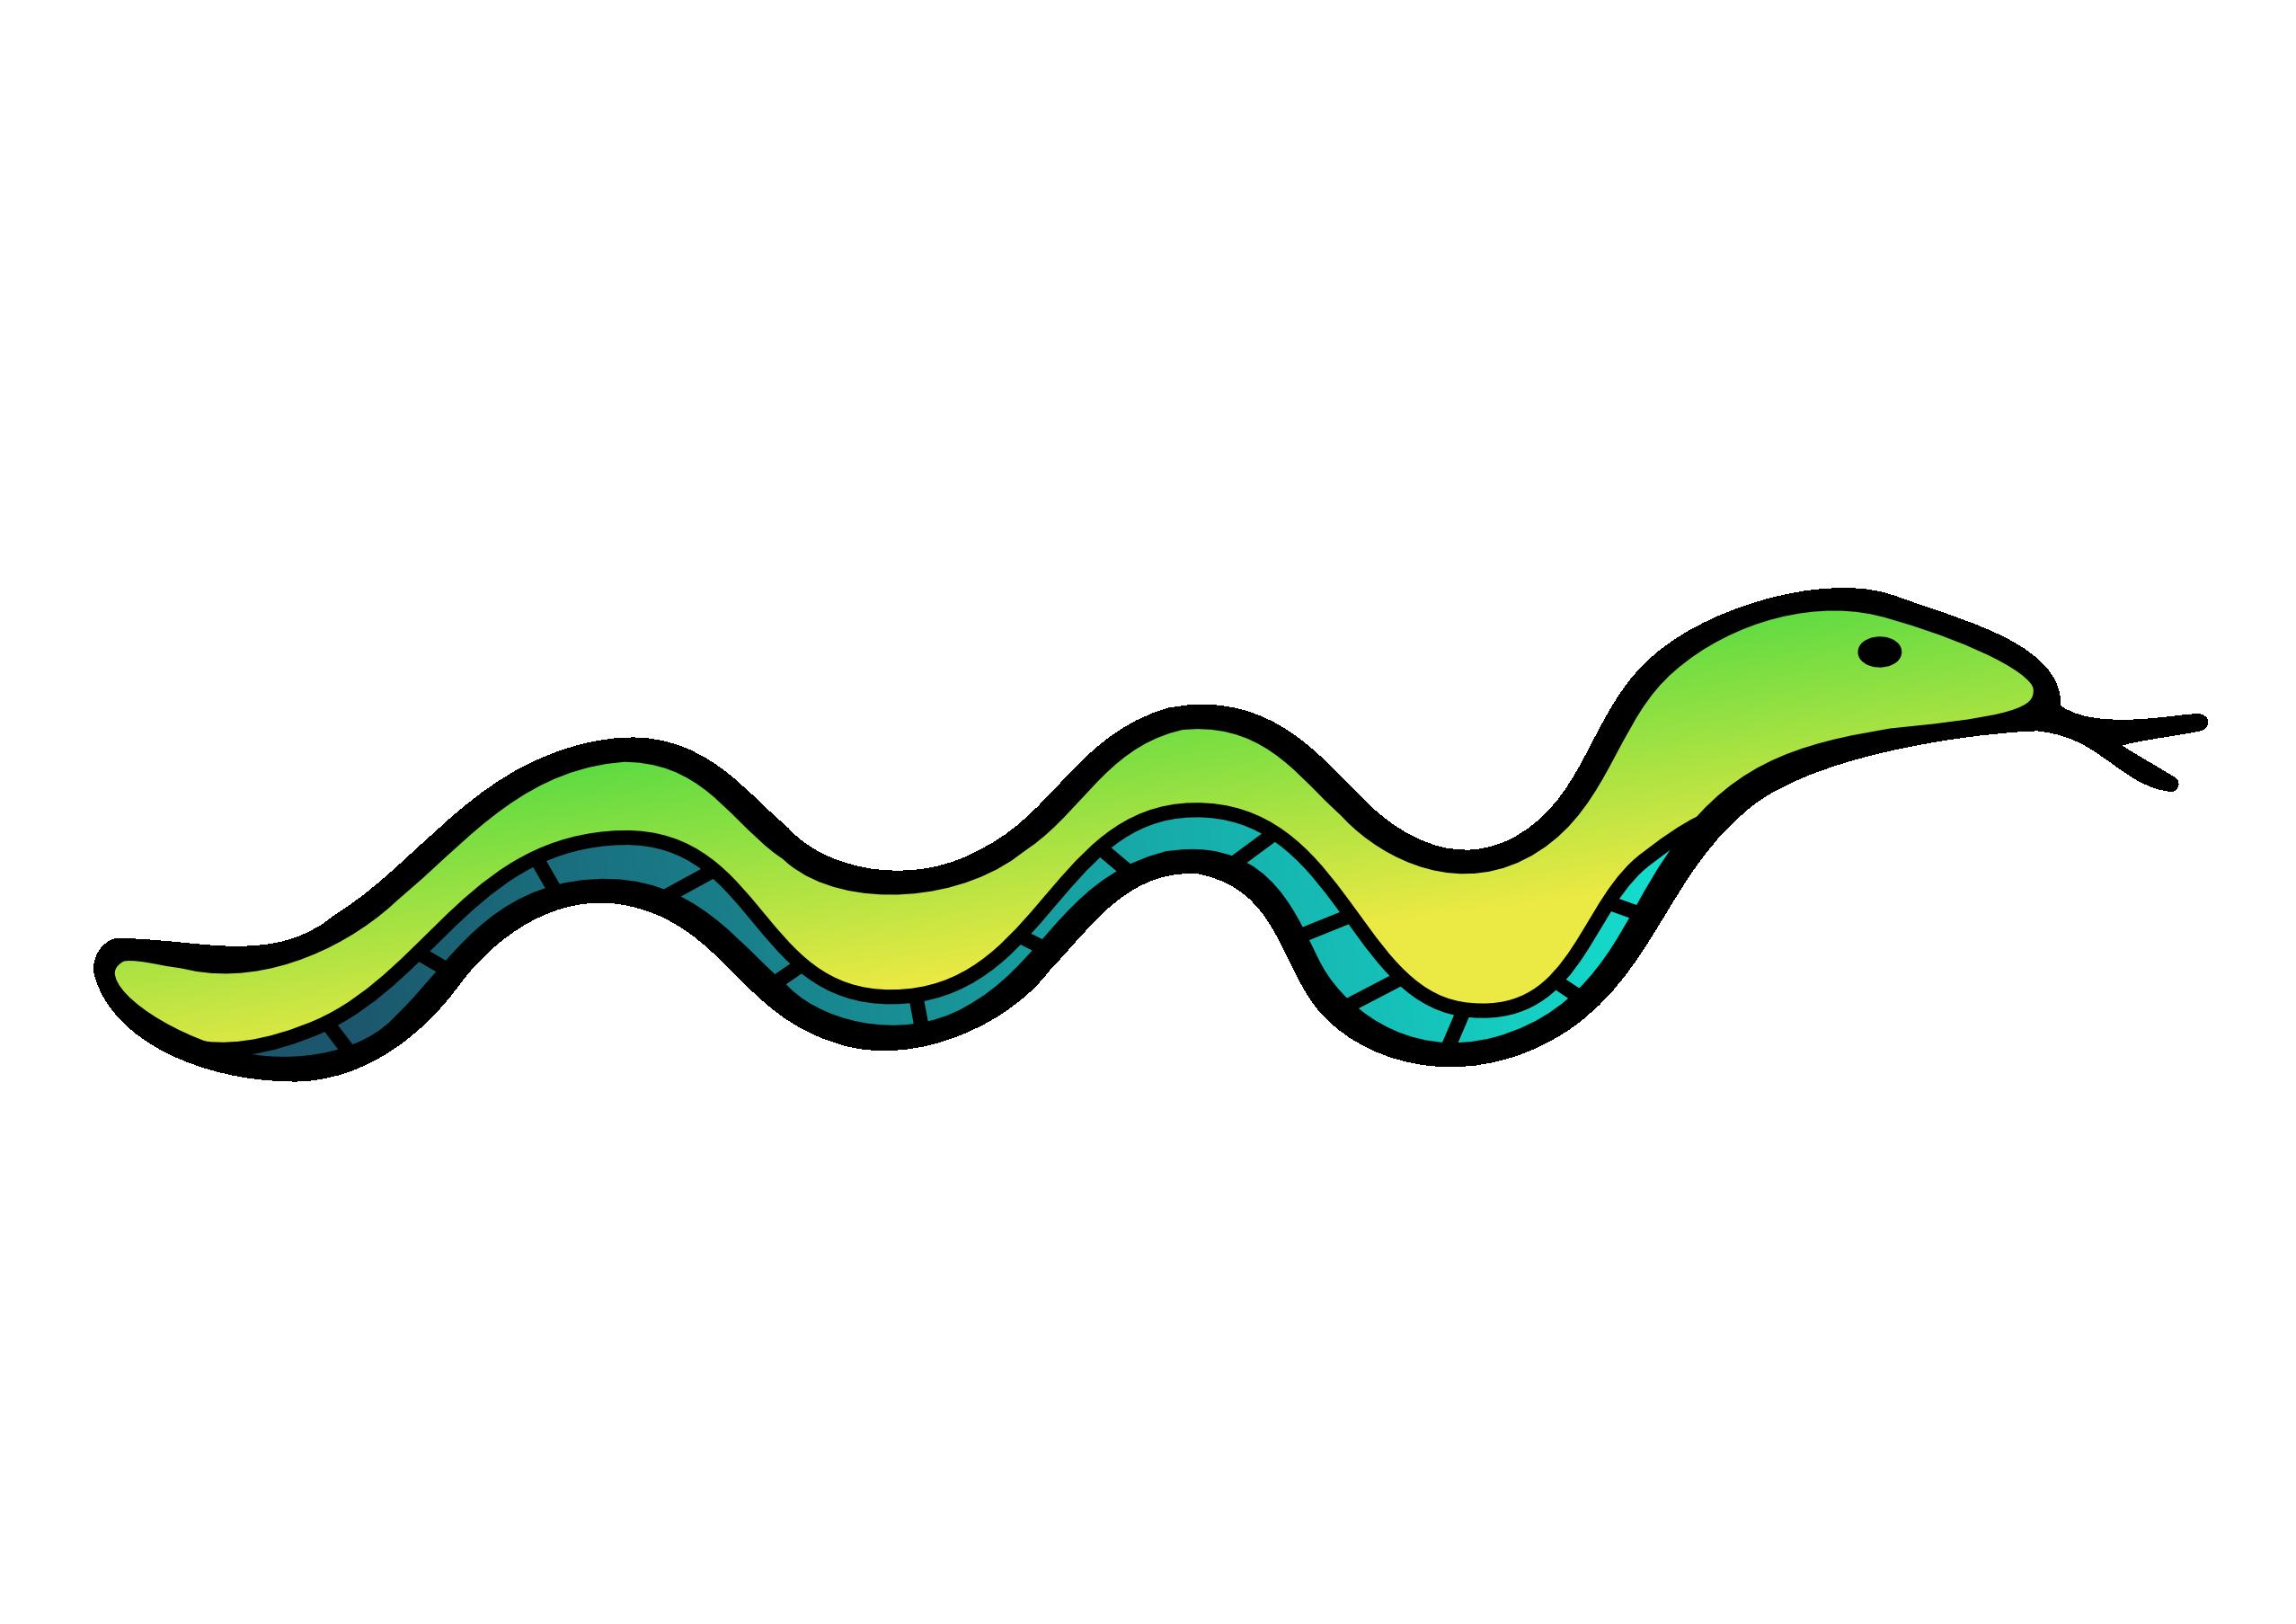 Long Snake Clipart-Long Snake Clipart-8